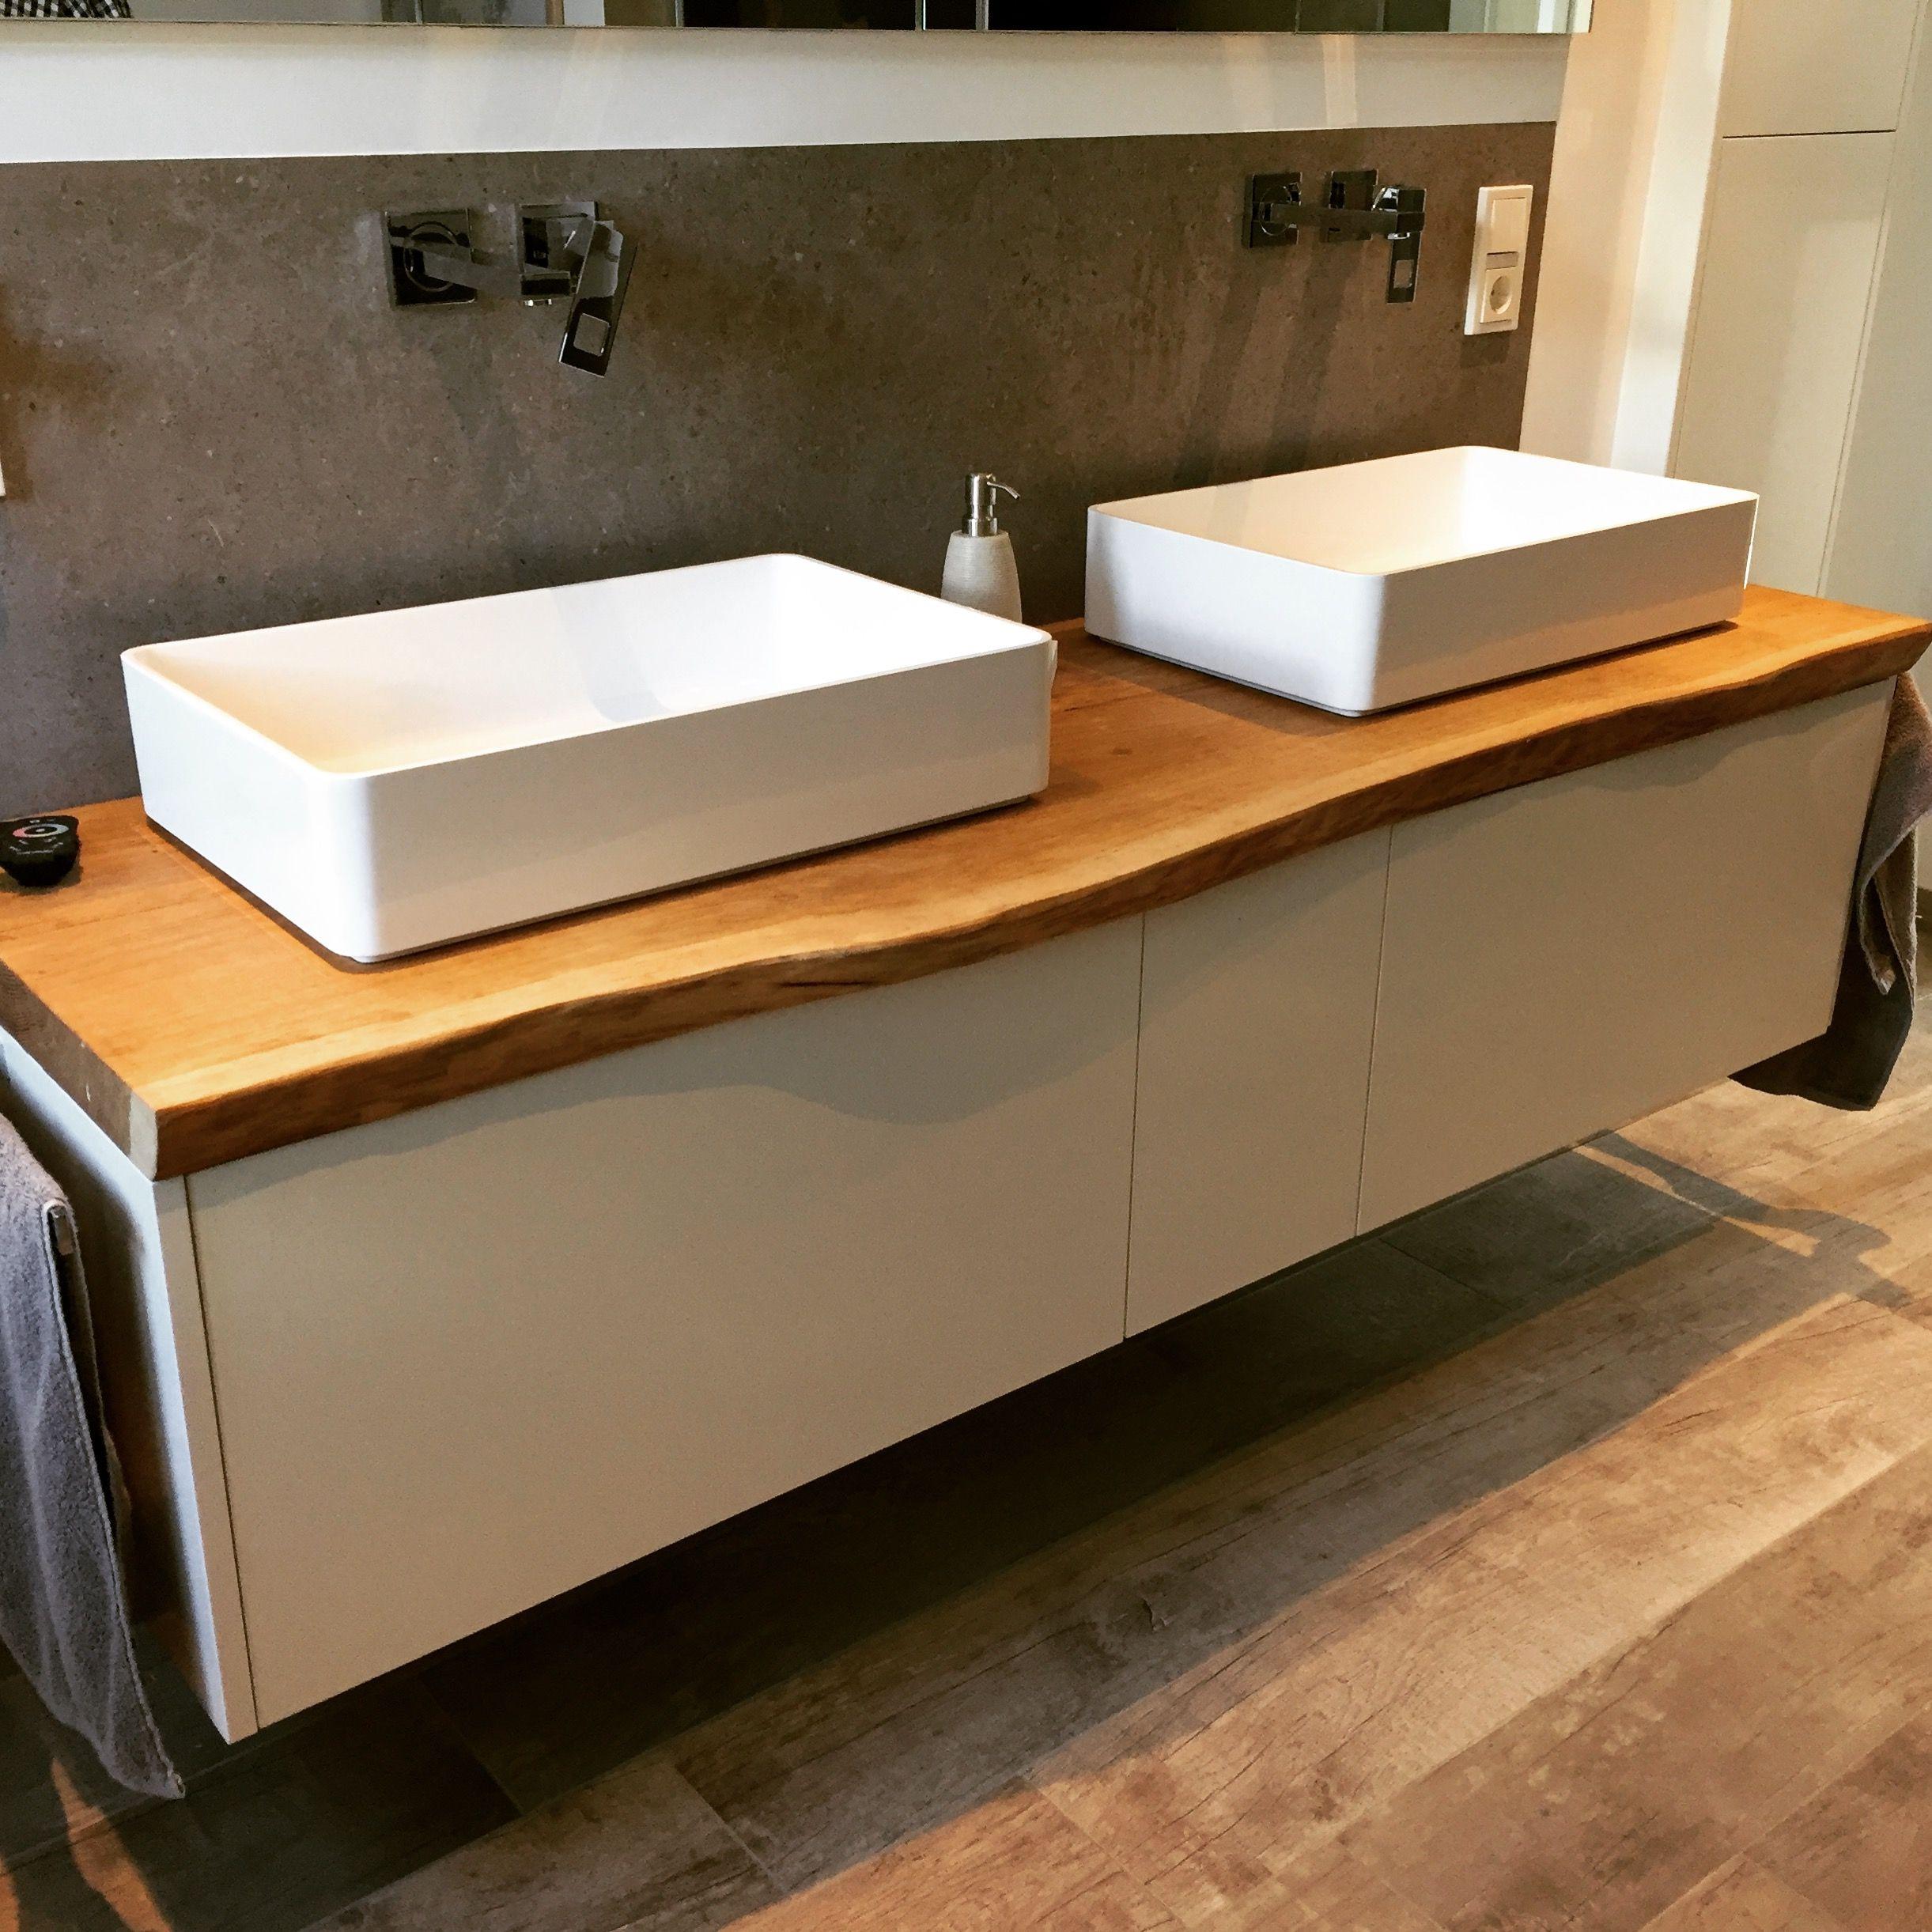 Waschtisch Mit Eiche Echtholz Waschtischplatte Und Mineralguss Waschbecken Minimal Gefertigt Von Www One Bath De Waschtischplatte Waschtisch Waschbecken